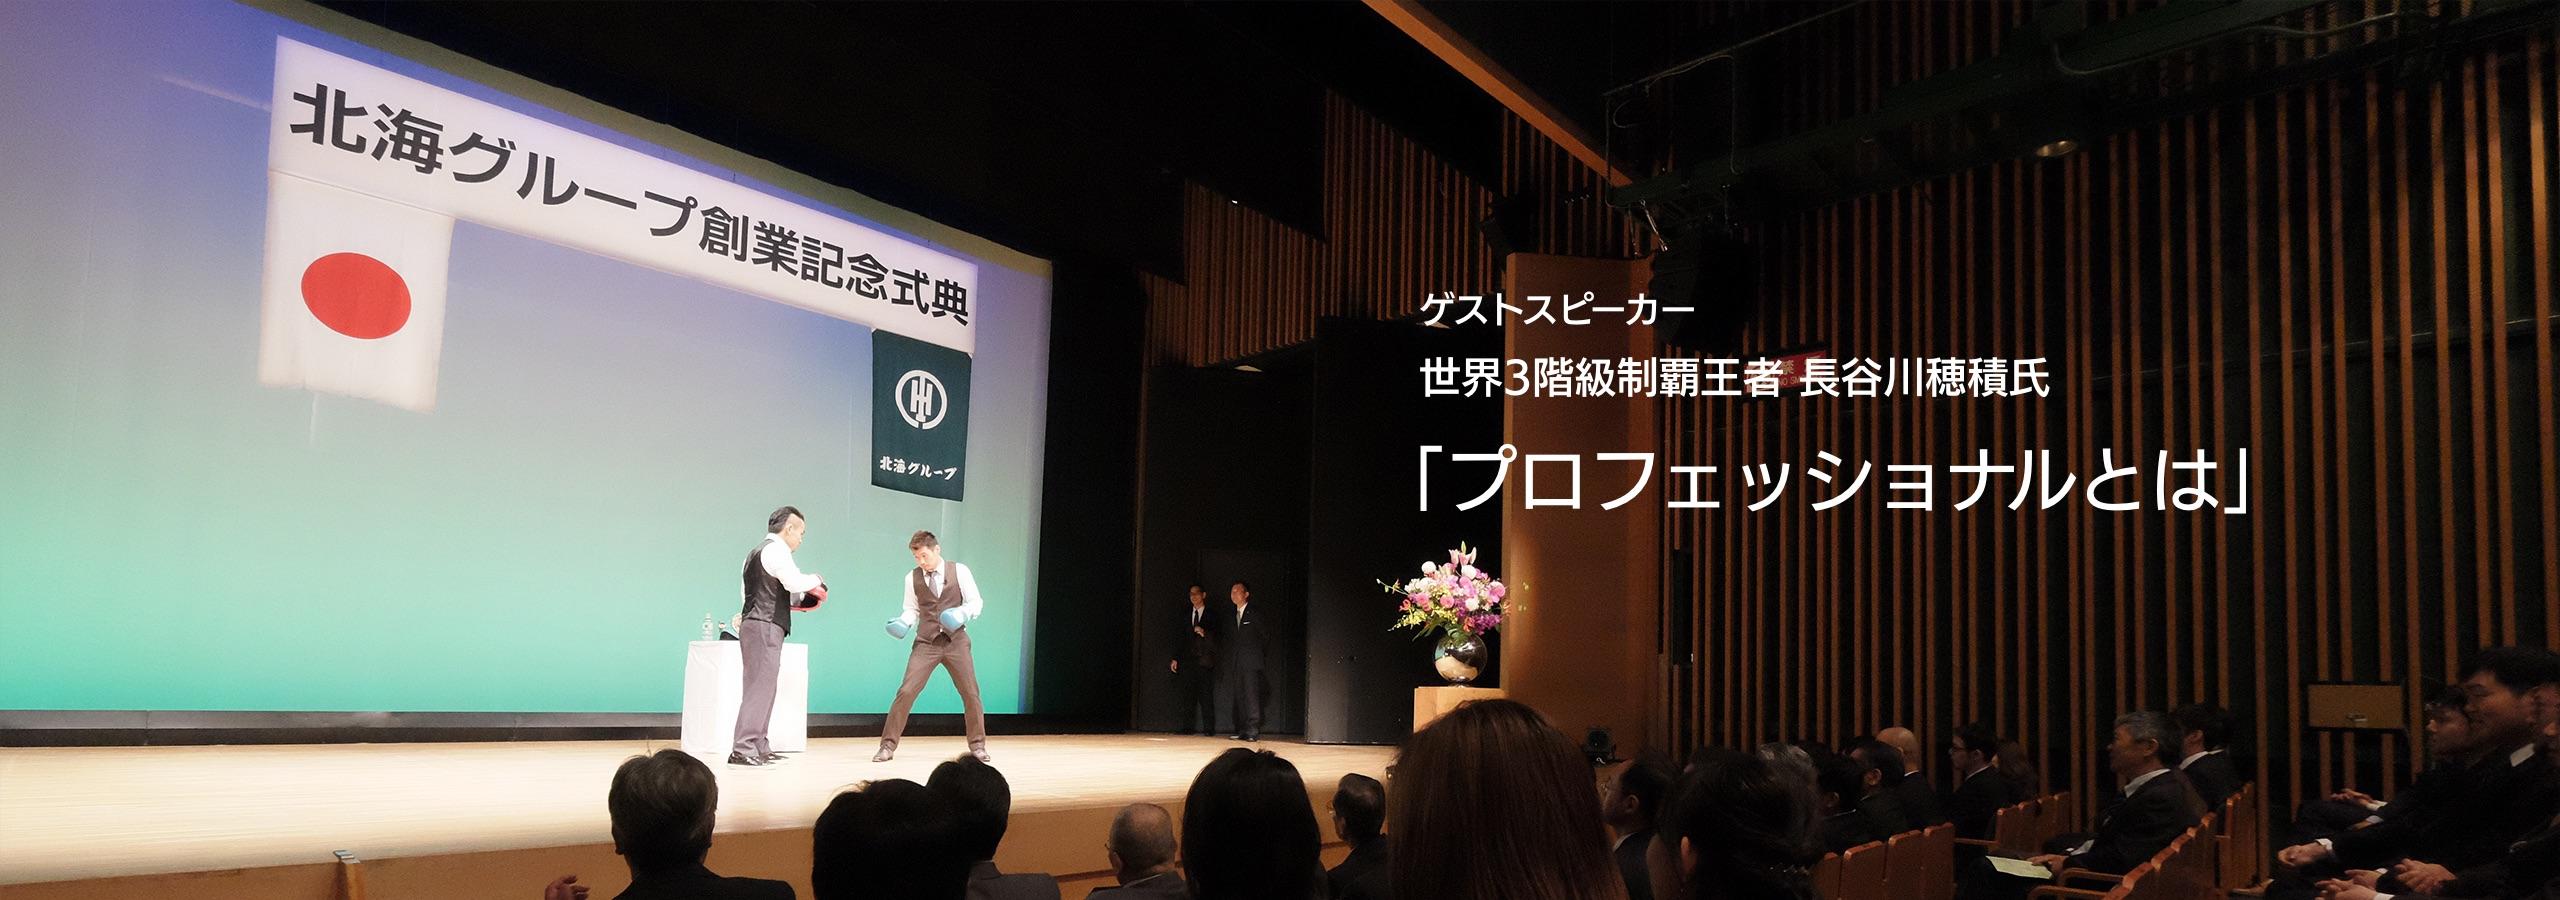 ゲストスピーカー 世界3階級制覇王者 長谷川穂積氏 「プロフェッショナルとは」